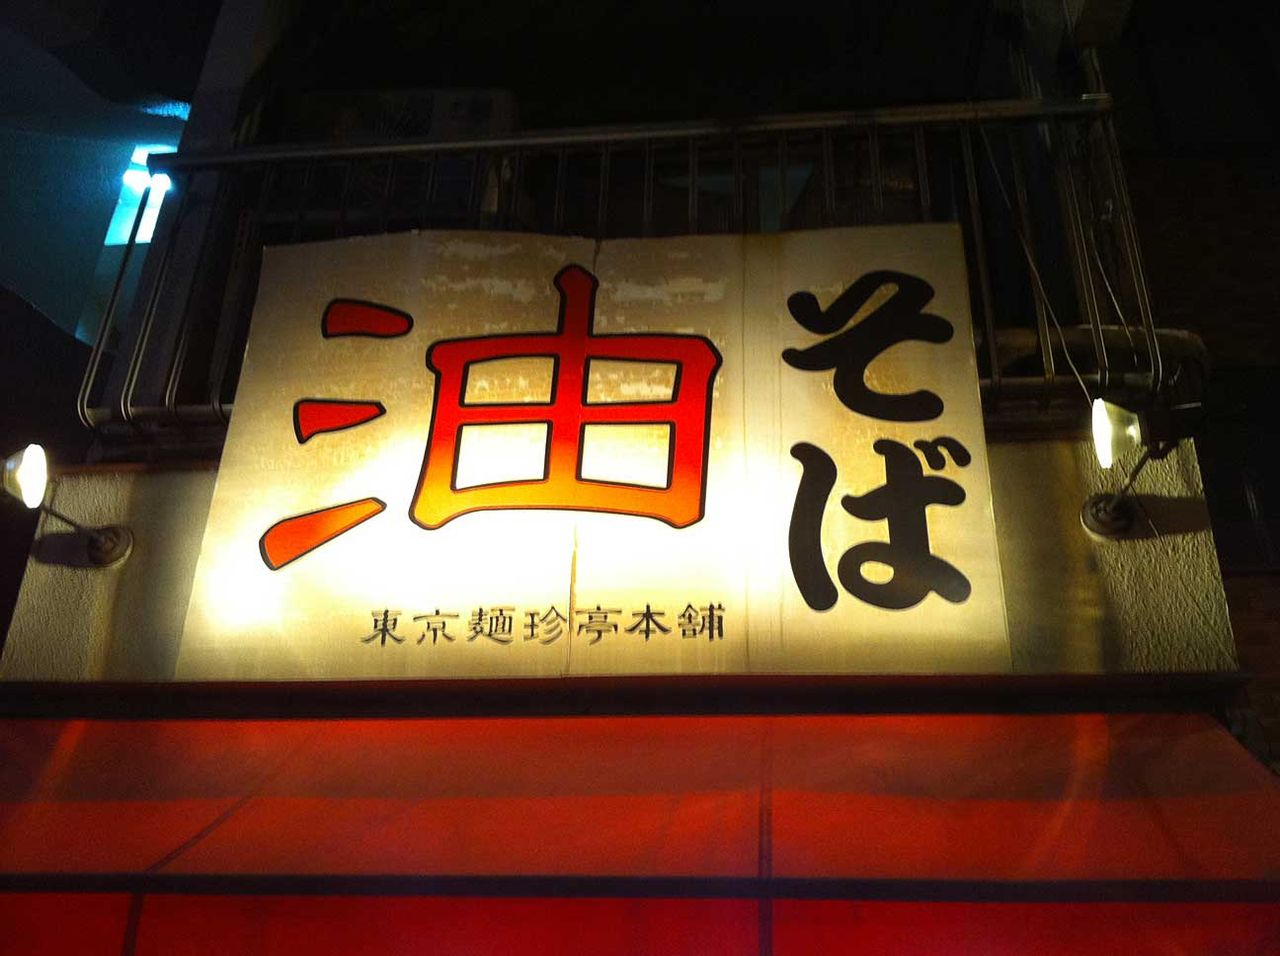 油そば 東京麺珍亭本舗 鶴巻町店@早稲田